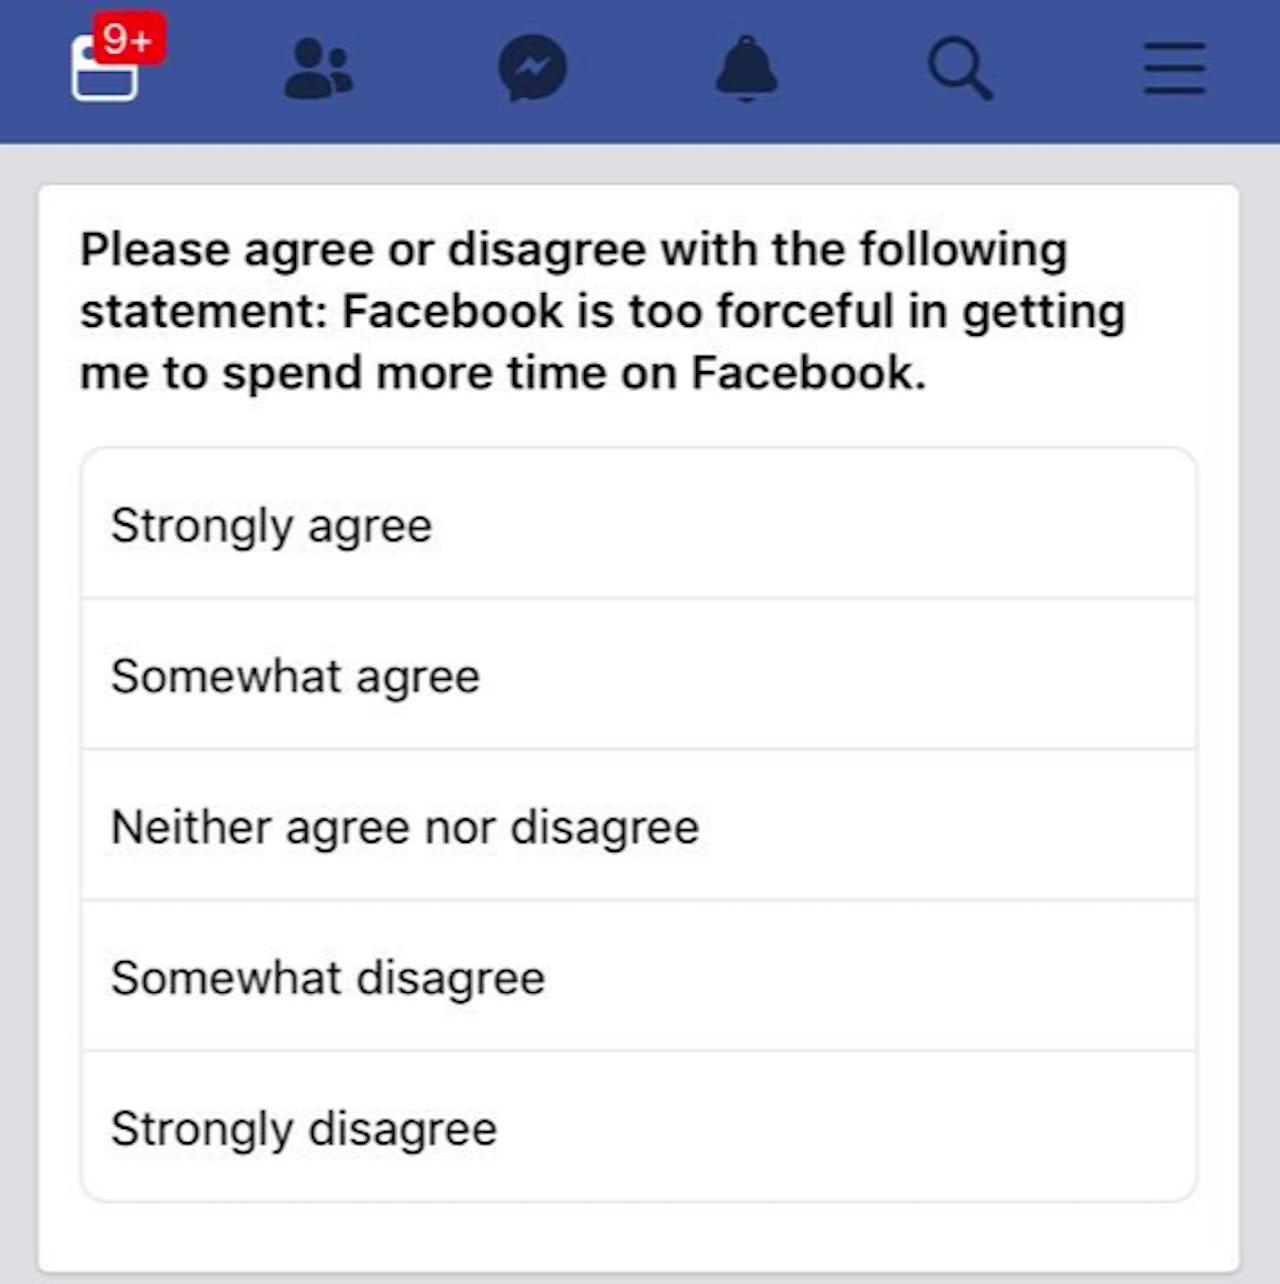 A Facebook survey shown to Nicole Durbin